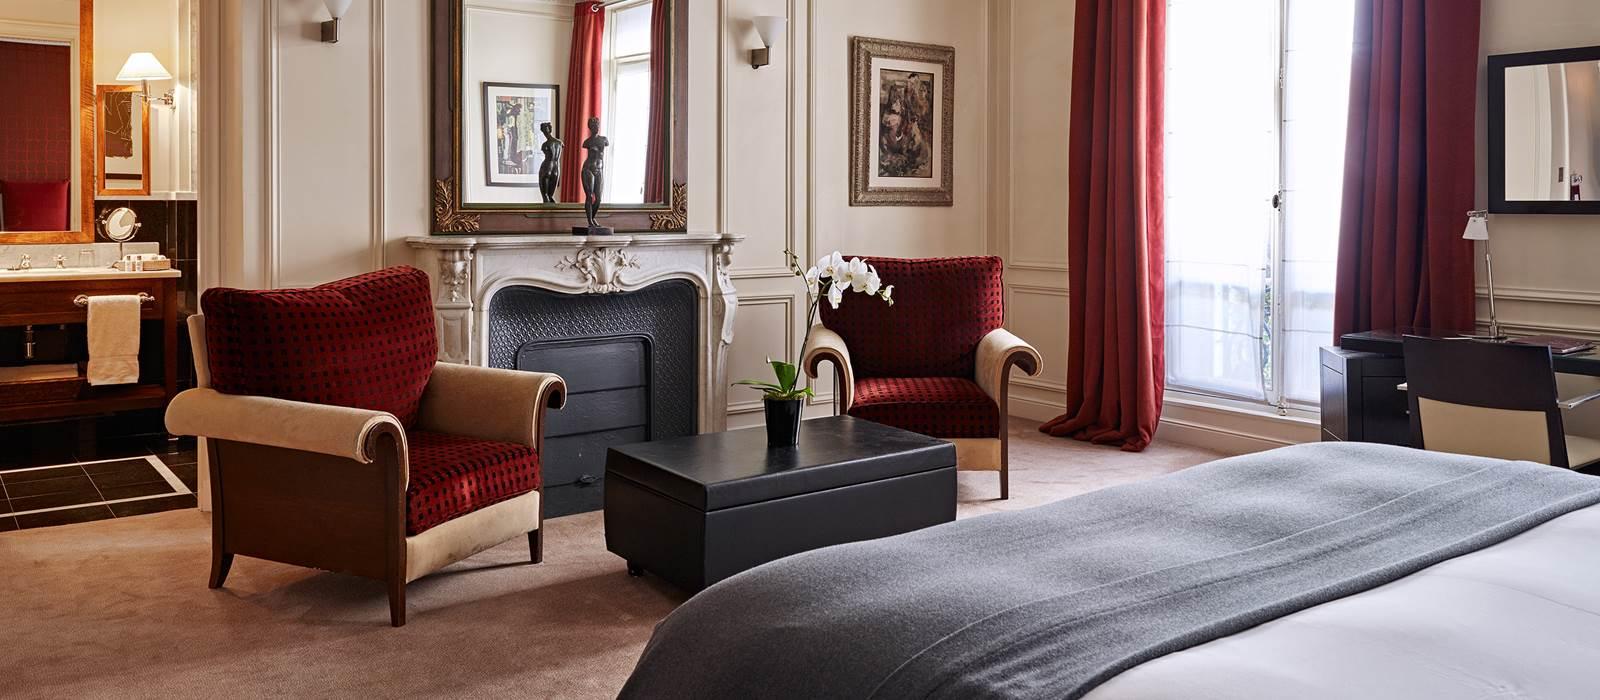 Chambre double deluxe | Hôtel La Trémoille